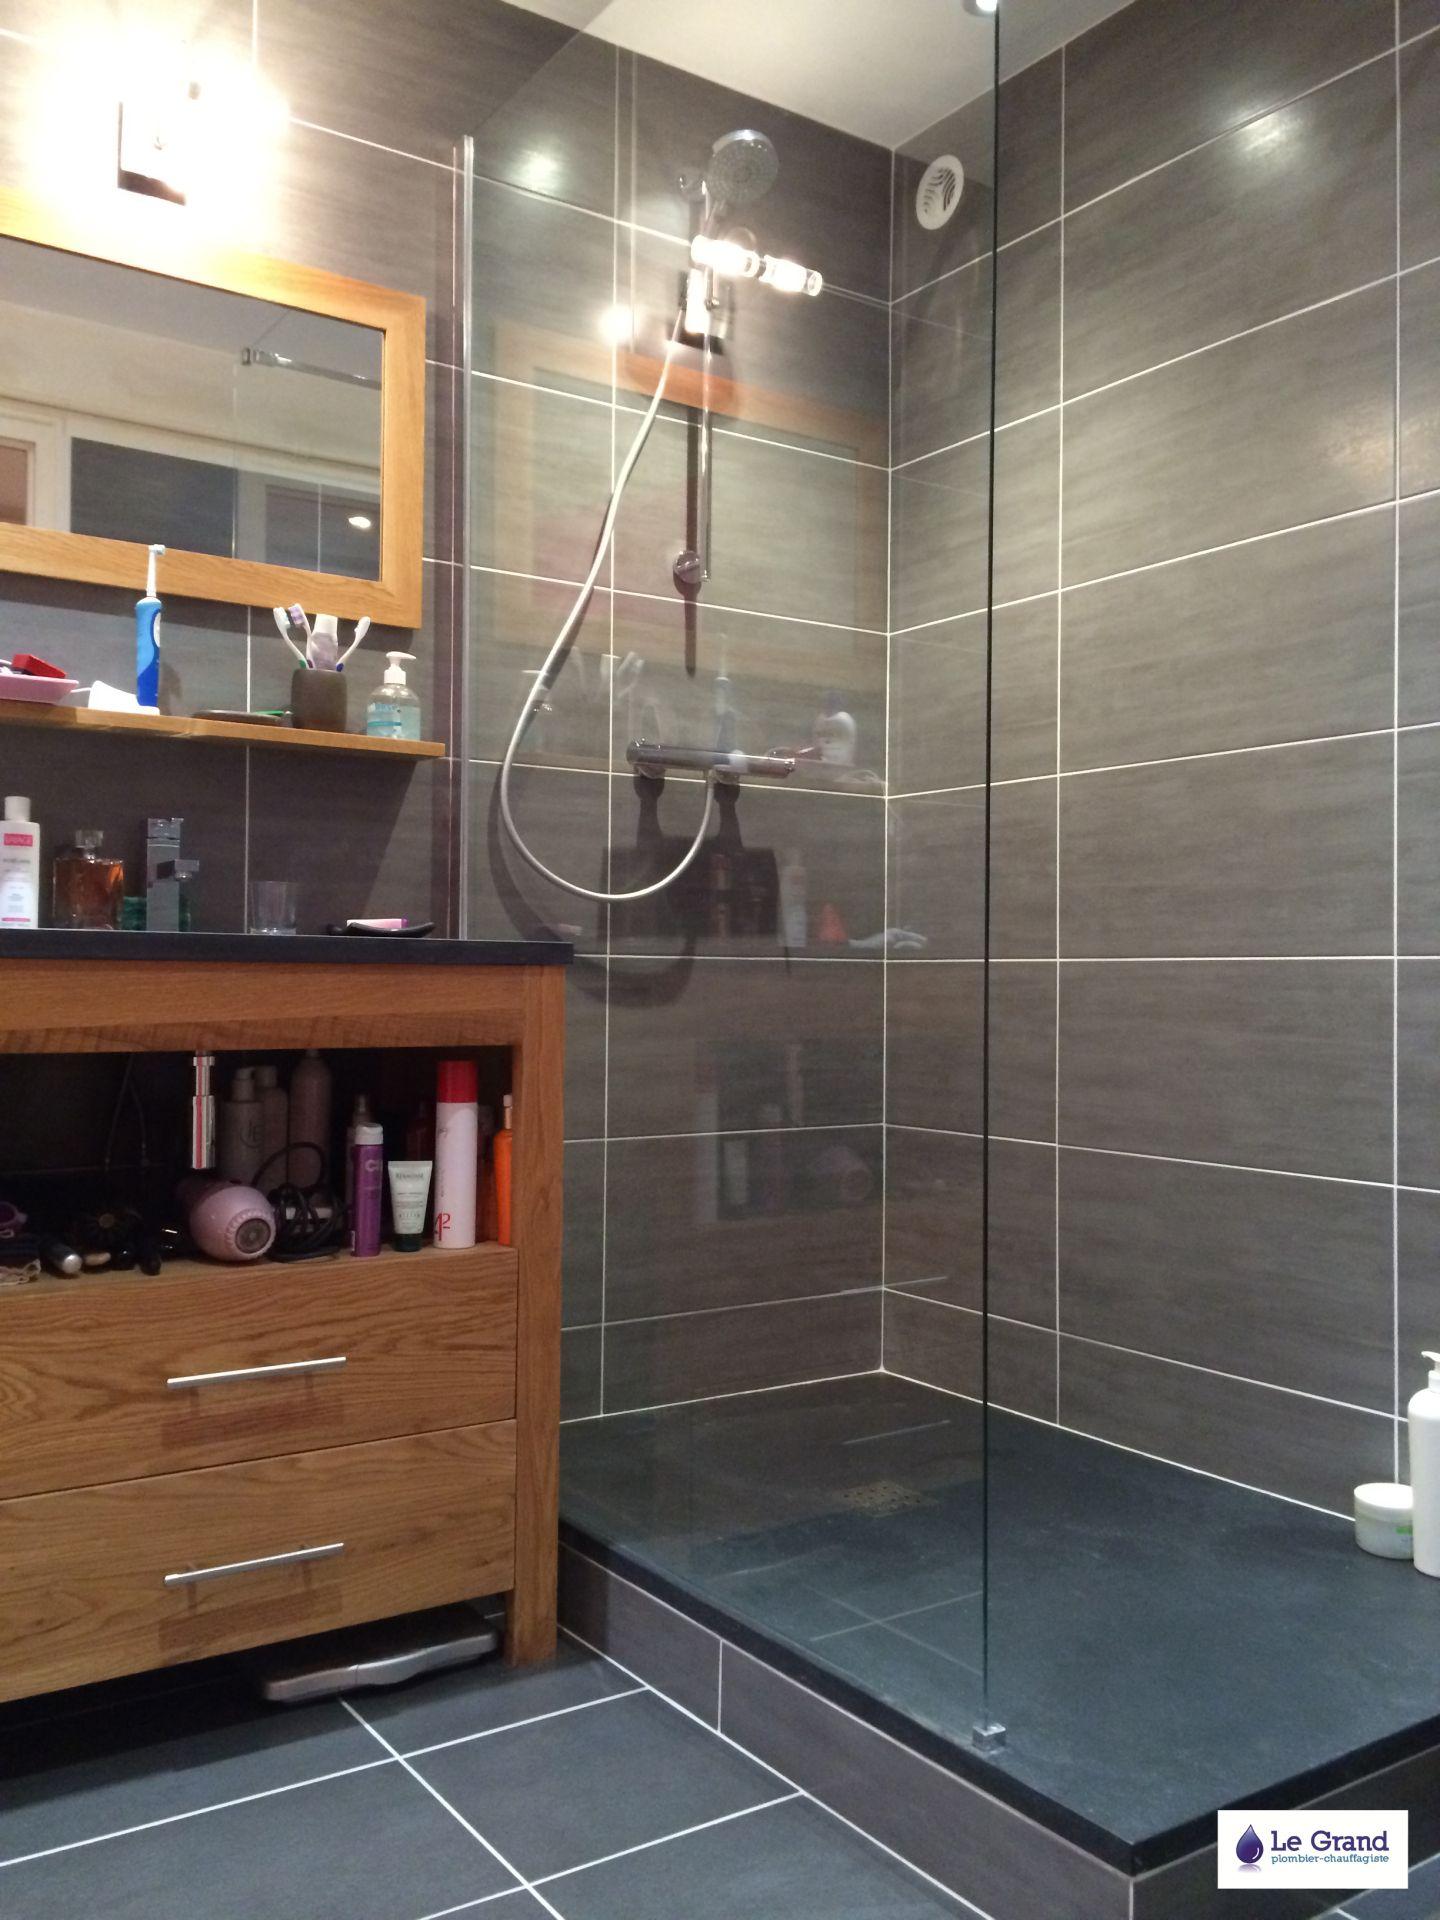 Casa Salle De Bain Rennes ~ bruz salle de bains rennes plomberie agencement salle de